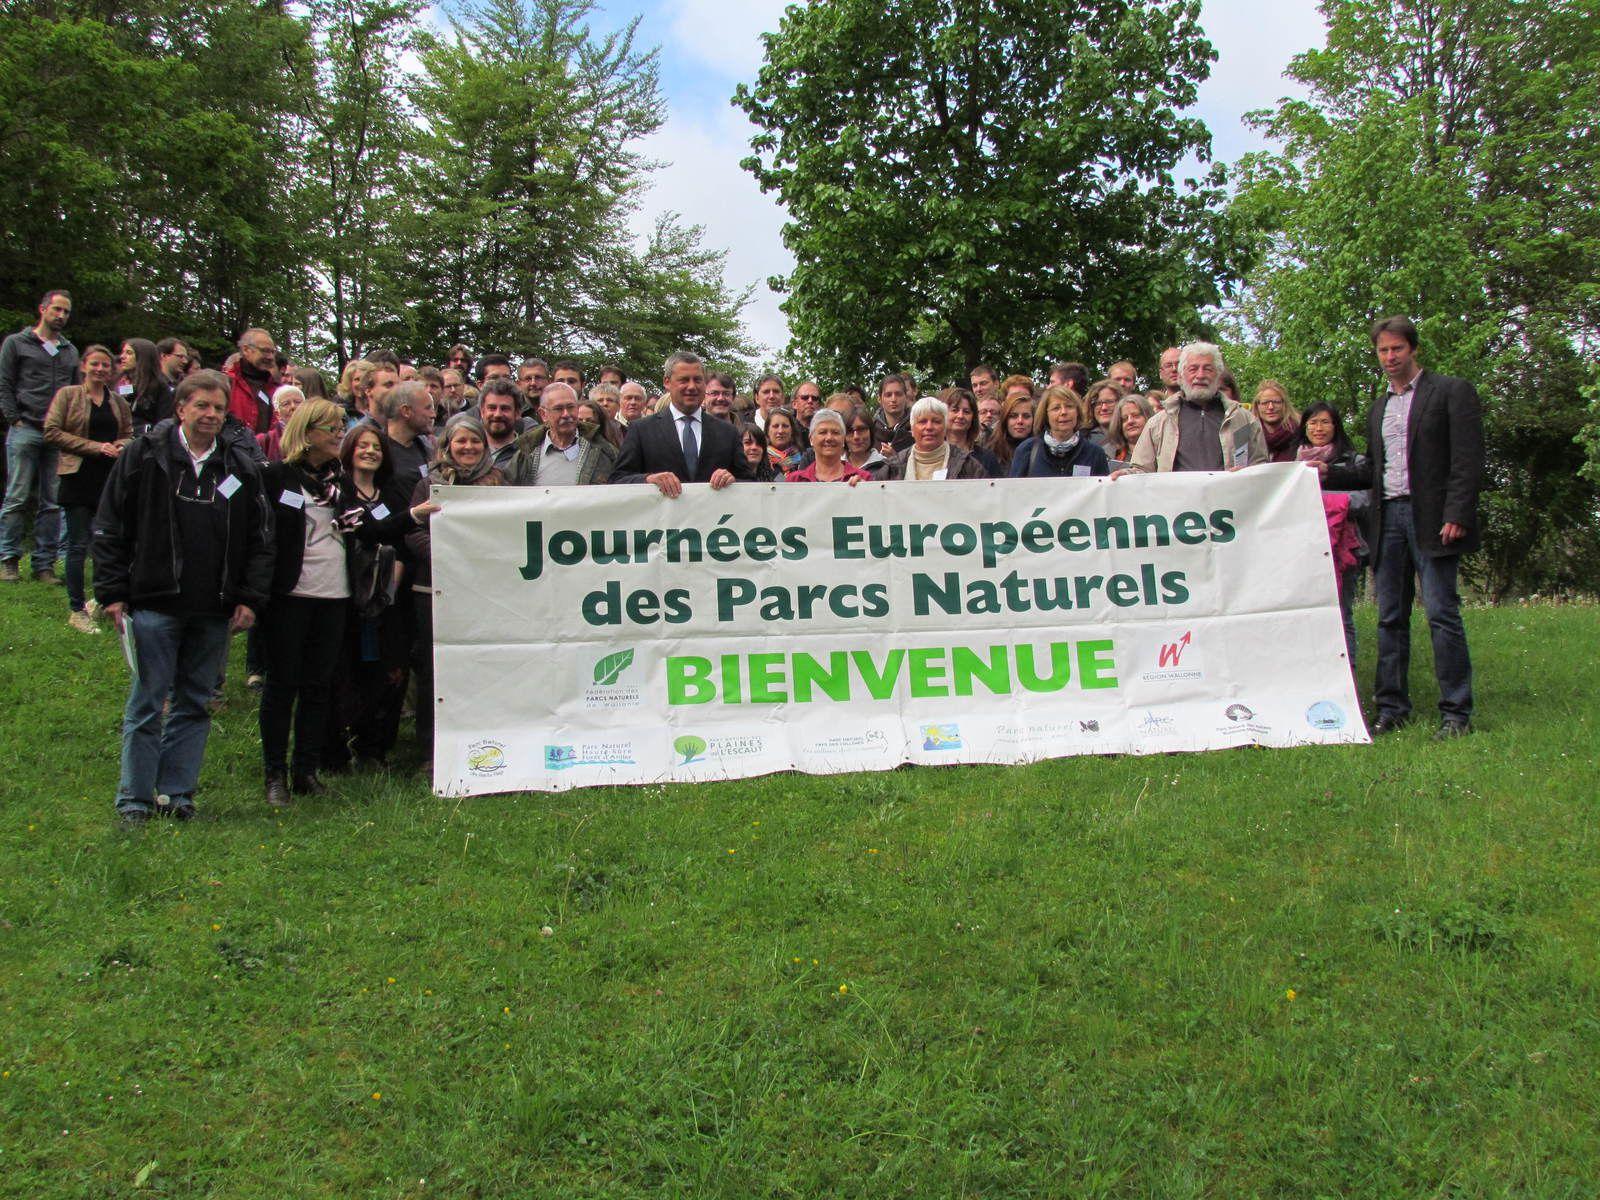 Les Parcs naturels